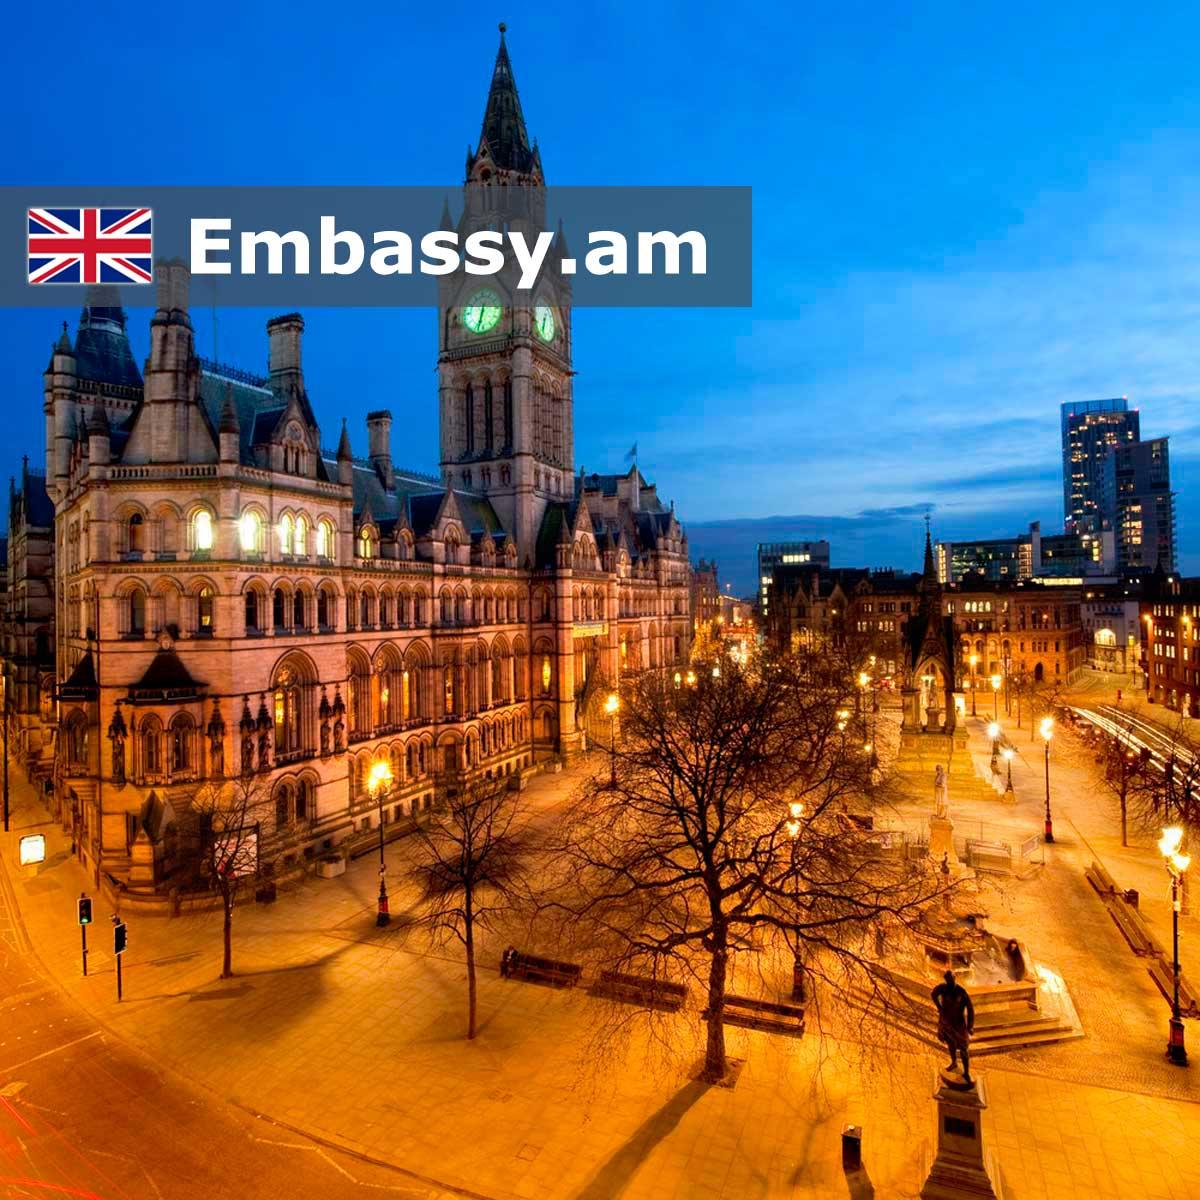 Մանչեստր - Հյուրանոցներ Միացյալ Թագավորությունում - Embassy.am